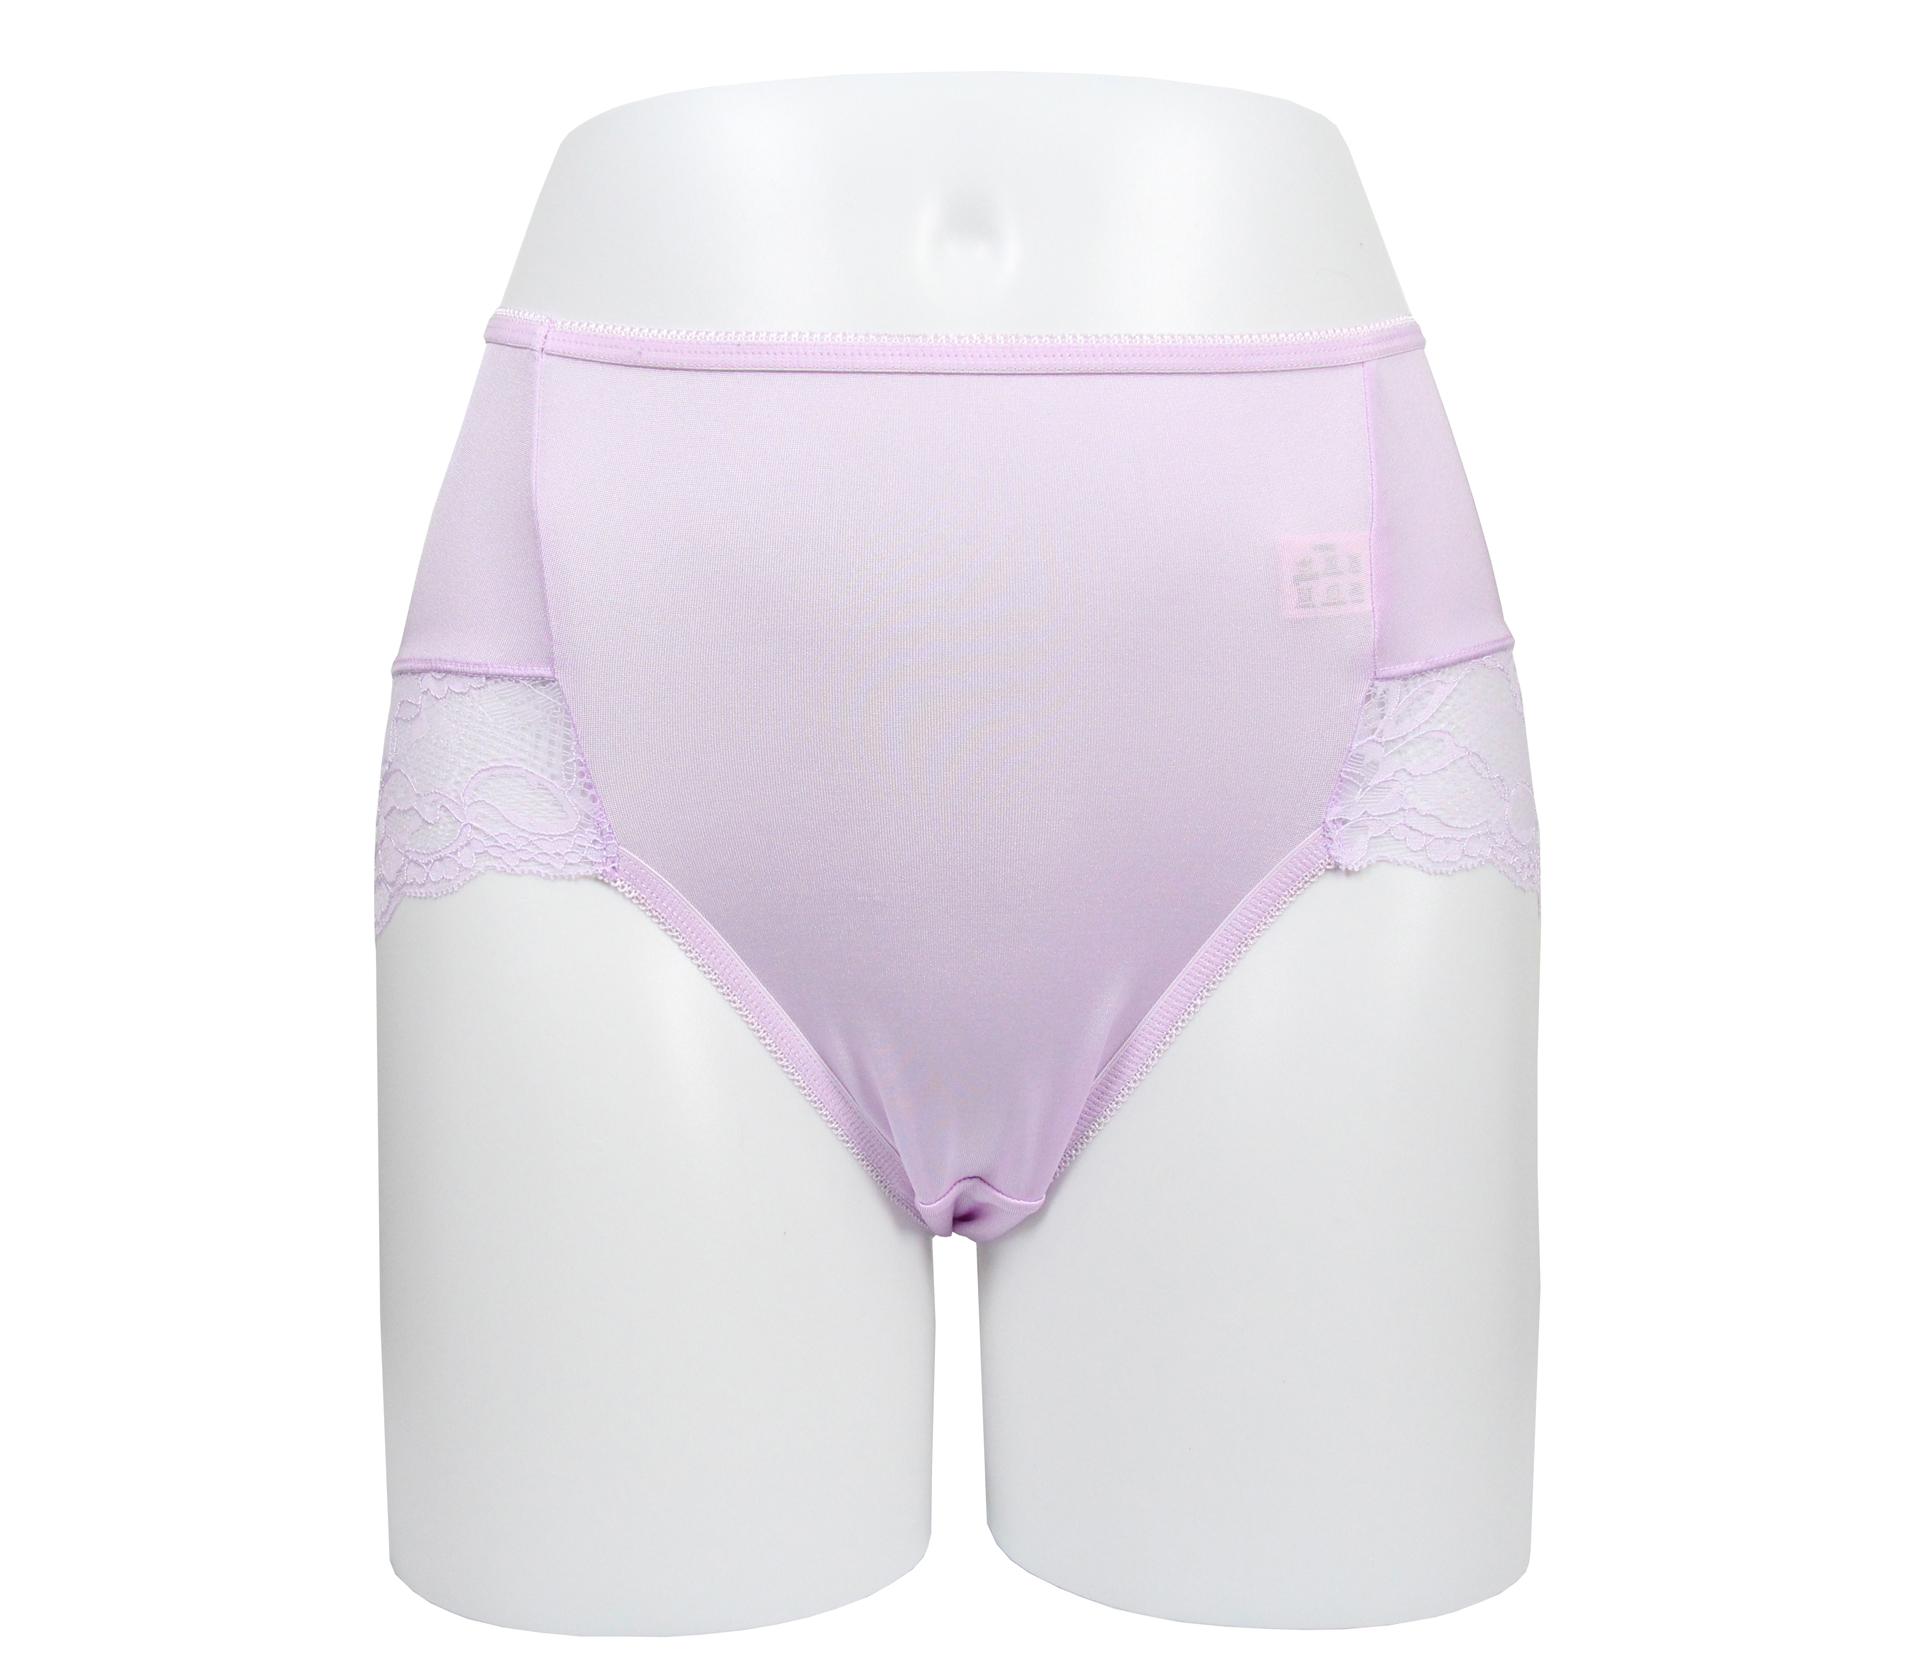 闕蘭絹典雅蕾絲100%蠶絲內褲 - 88910 (紫)